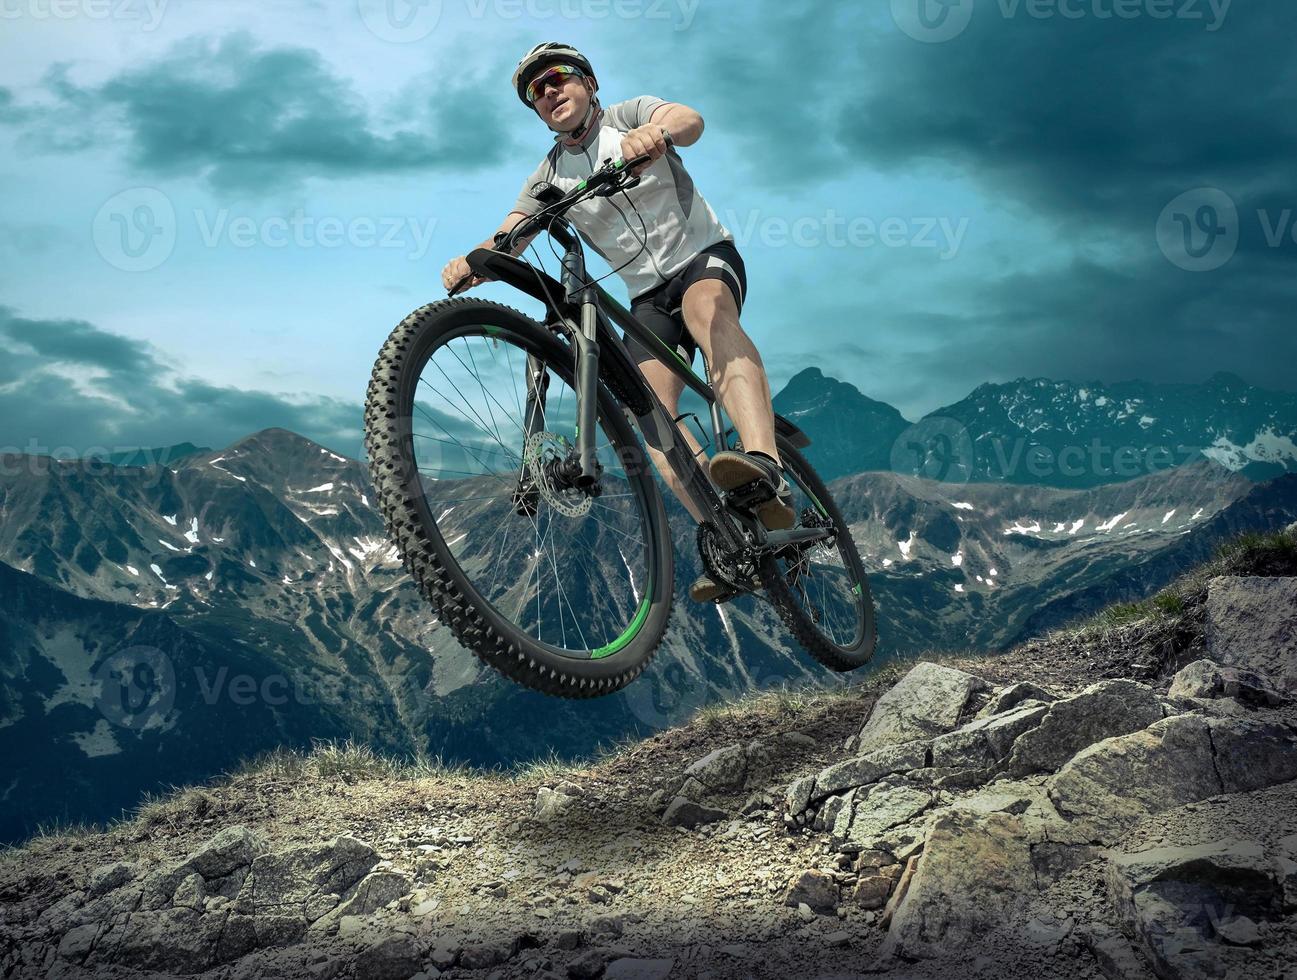 uomo in bicicletta sotto il cielo con nuvole foto